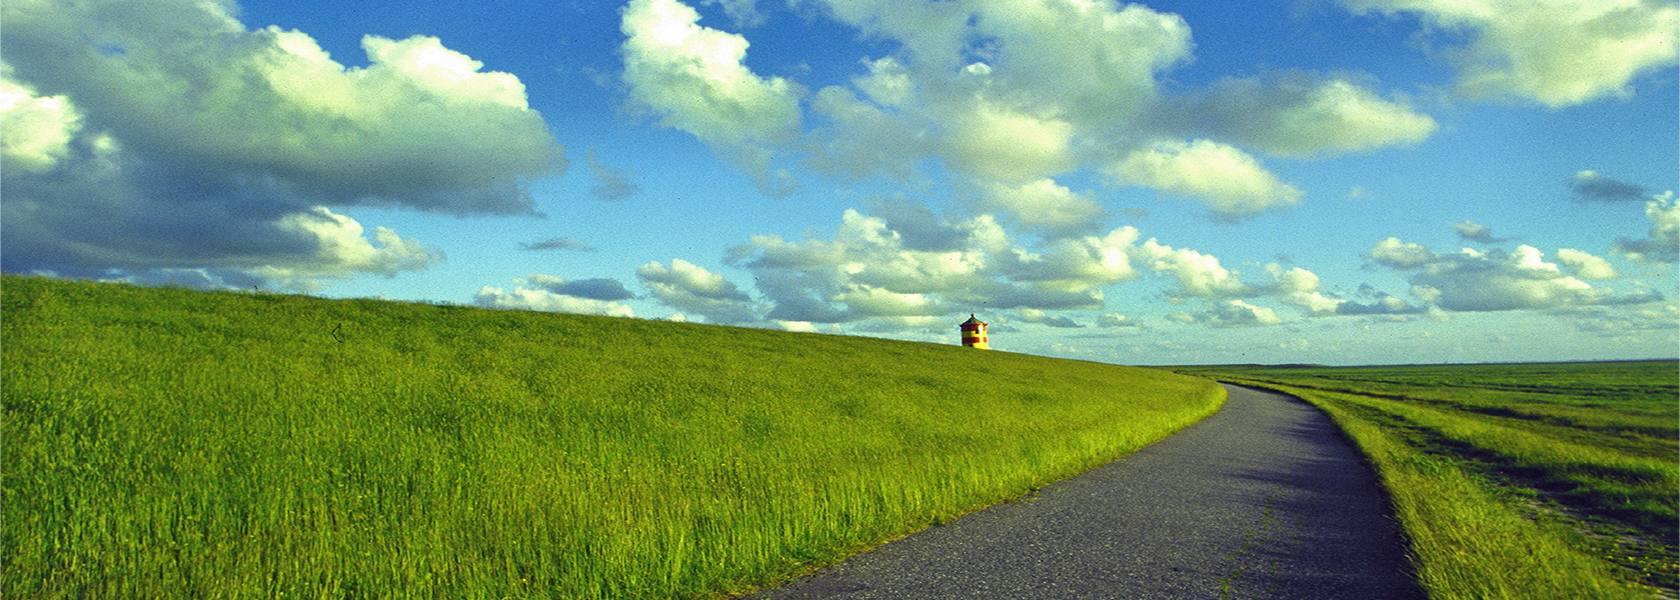 Pilsumer Leuchtturm, © Heiner Witthake - Fotolia.com